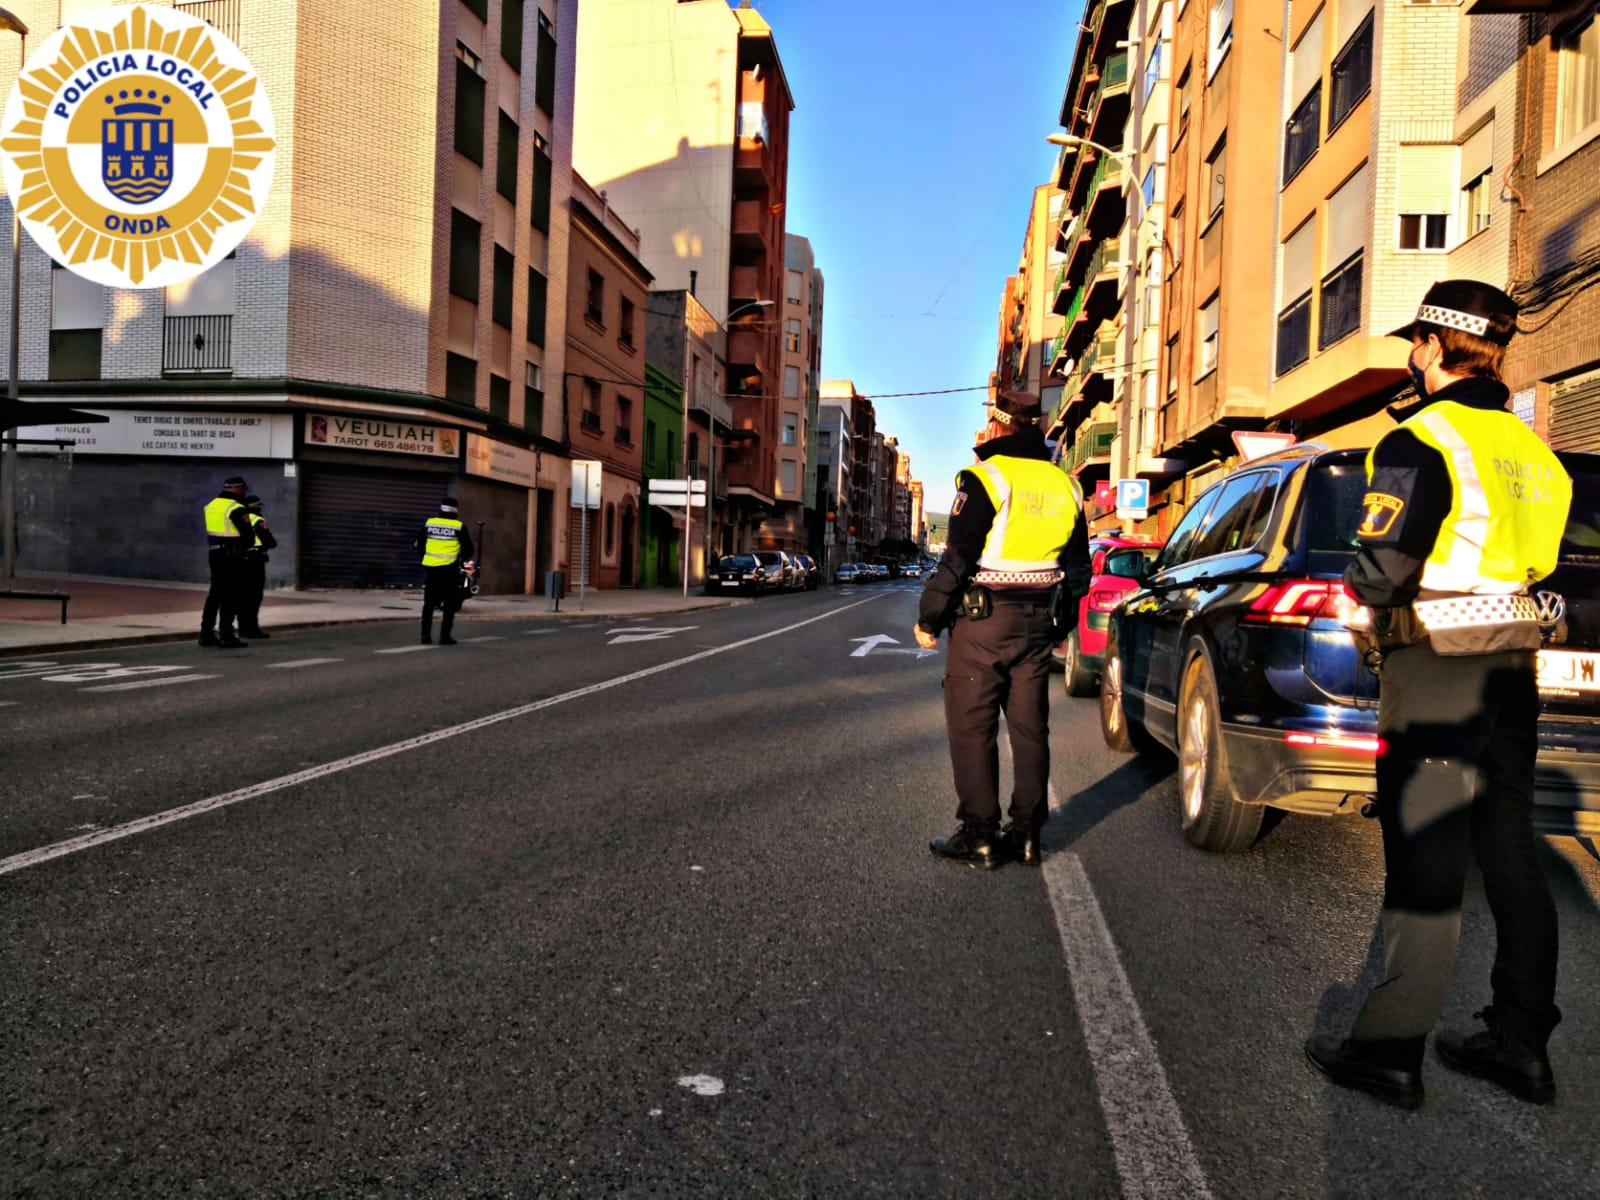 La Policía Local de Onda identifica a vecinos que se saltan la cuarentena y propone la sanción máxima de 30.000 euros